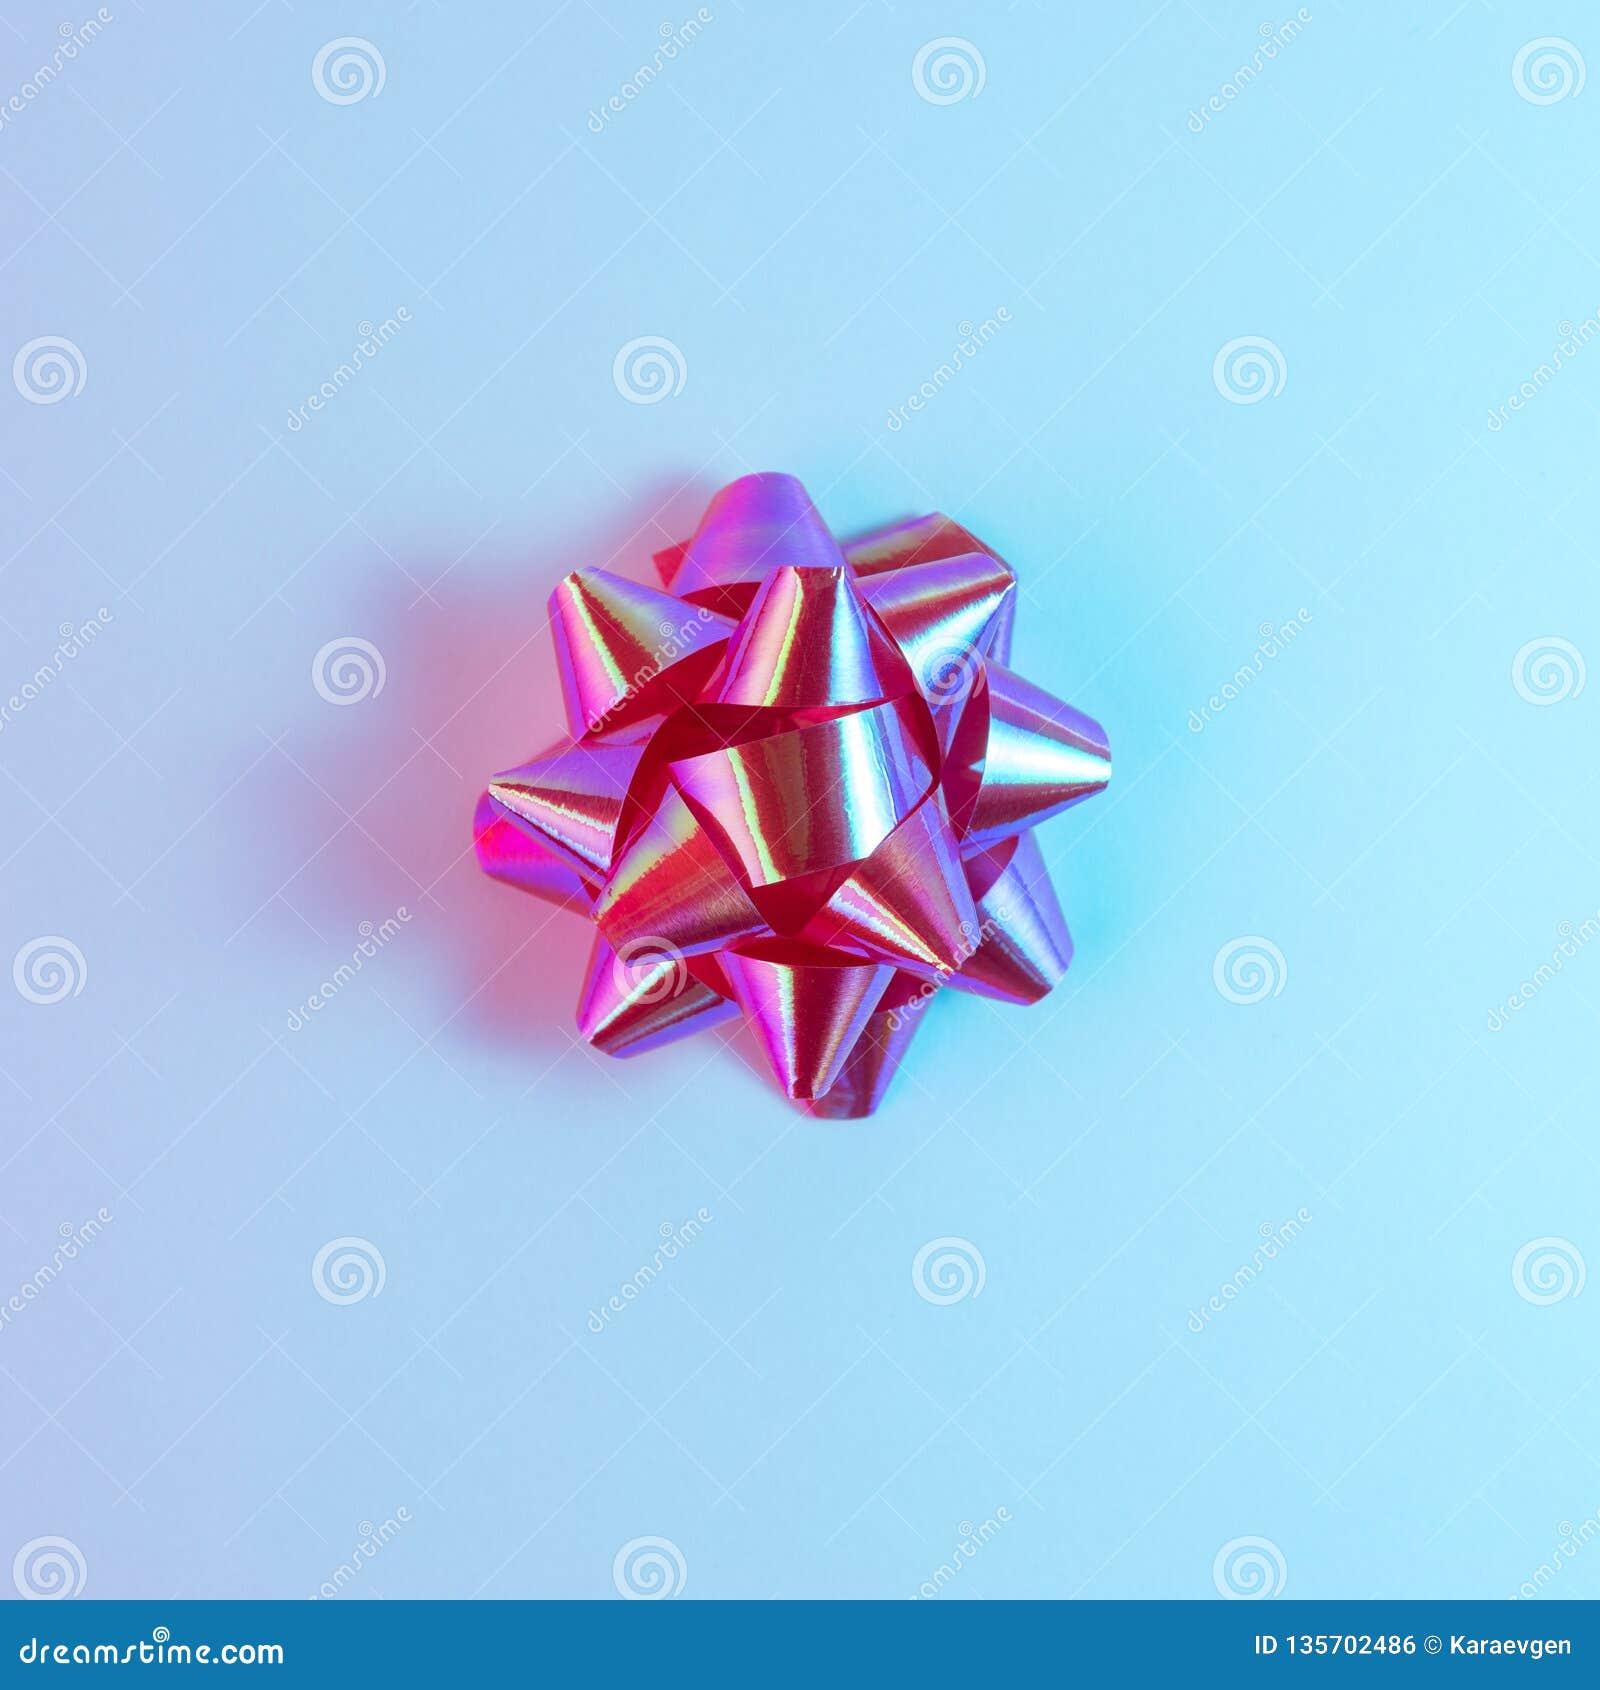 Dekorative Weihnachtsgeschenkplastikbögen in den ganz eigenhändig geschrieben Farben der vibrierenden mutigen Steigung Weihnachts